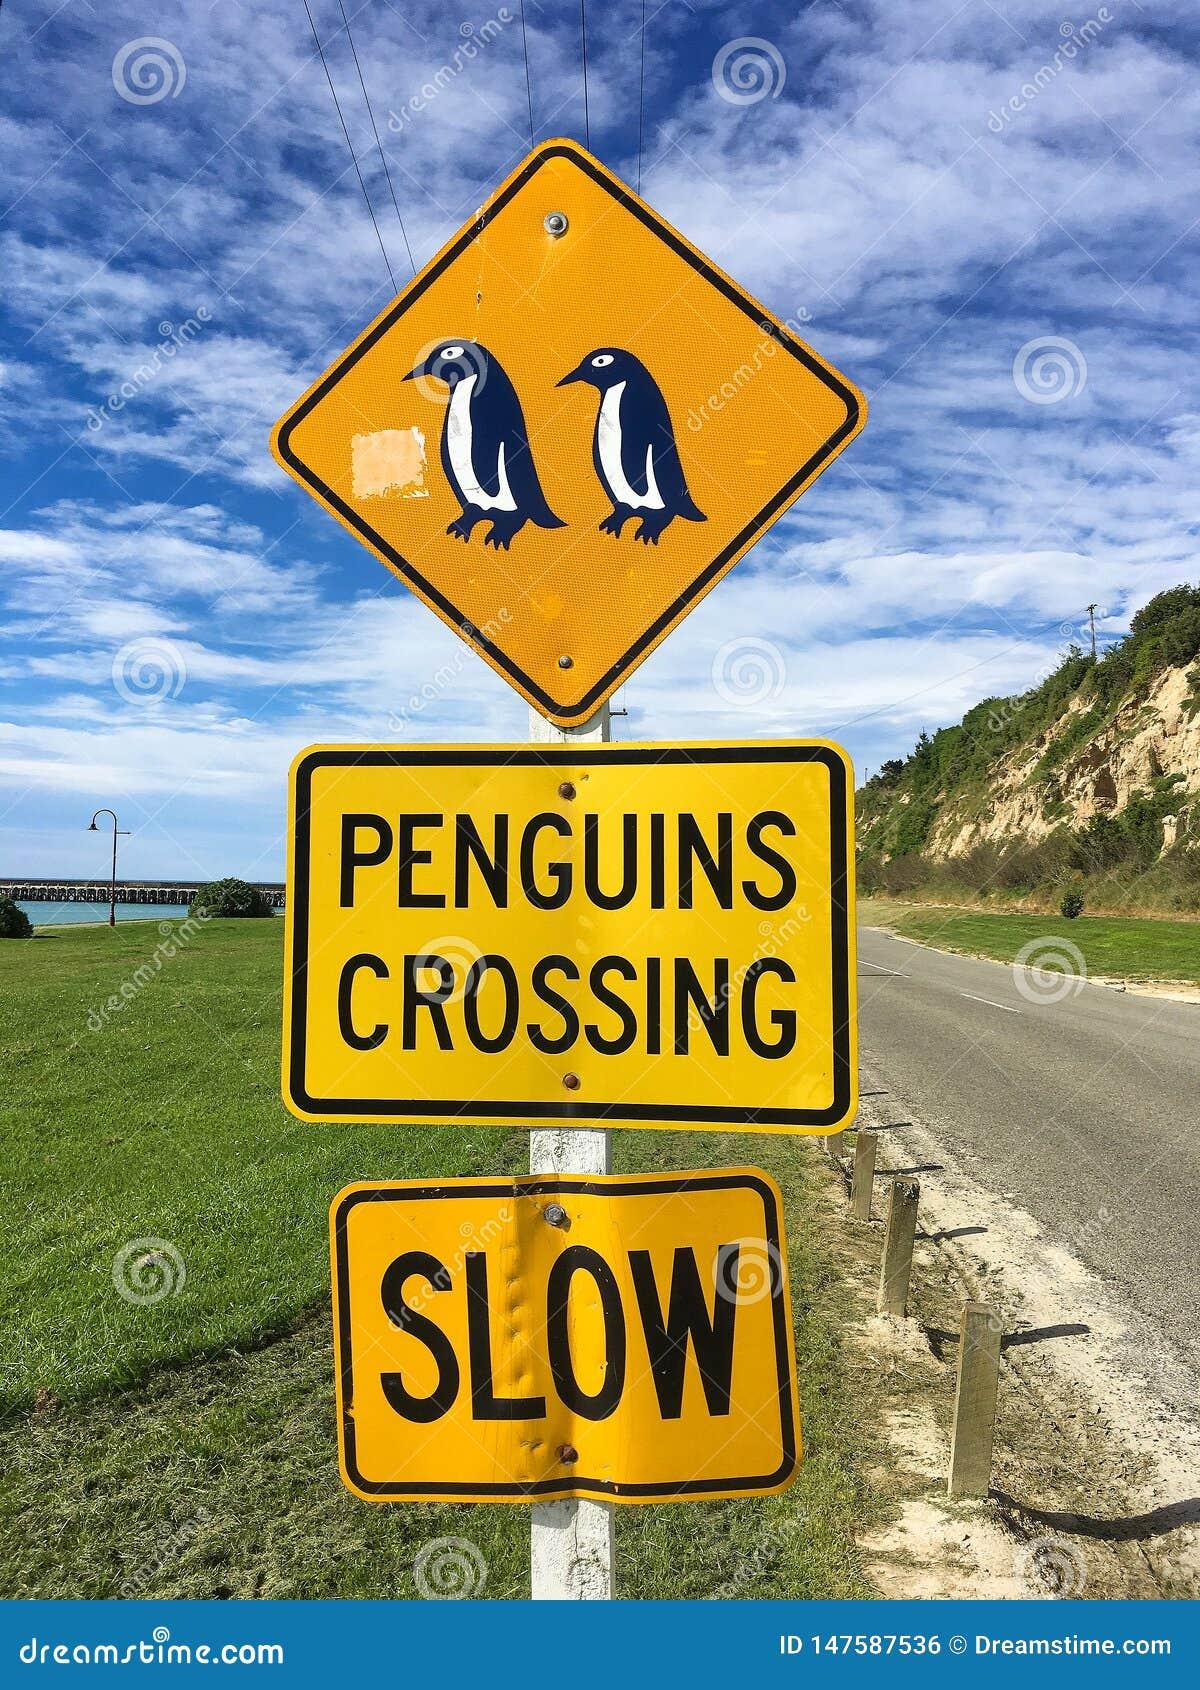 El cruzar de los ping?inos C?maras de la velocidad en funcionamiento